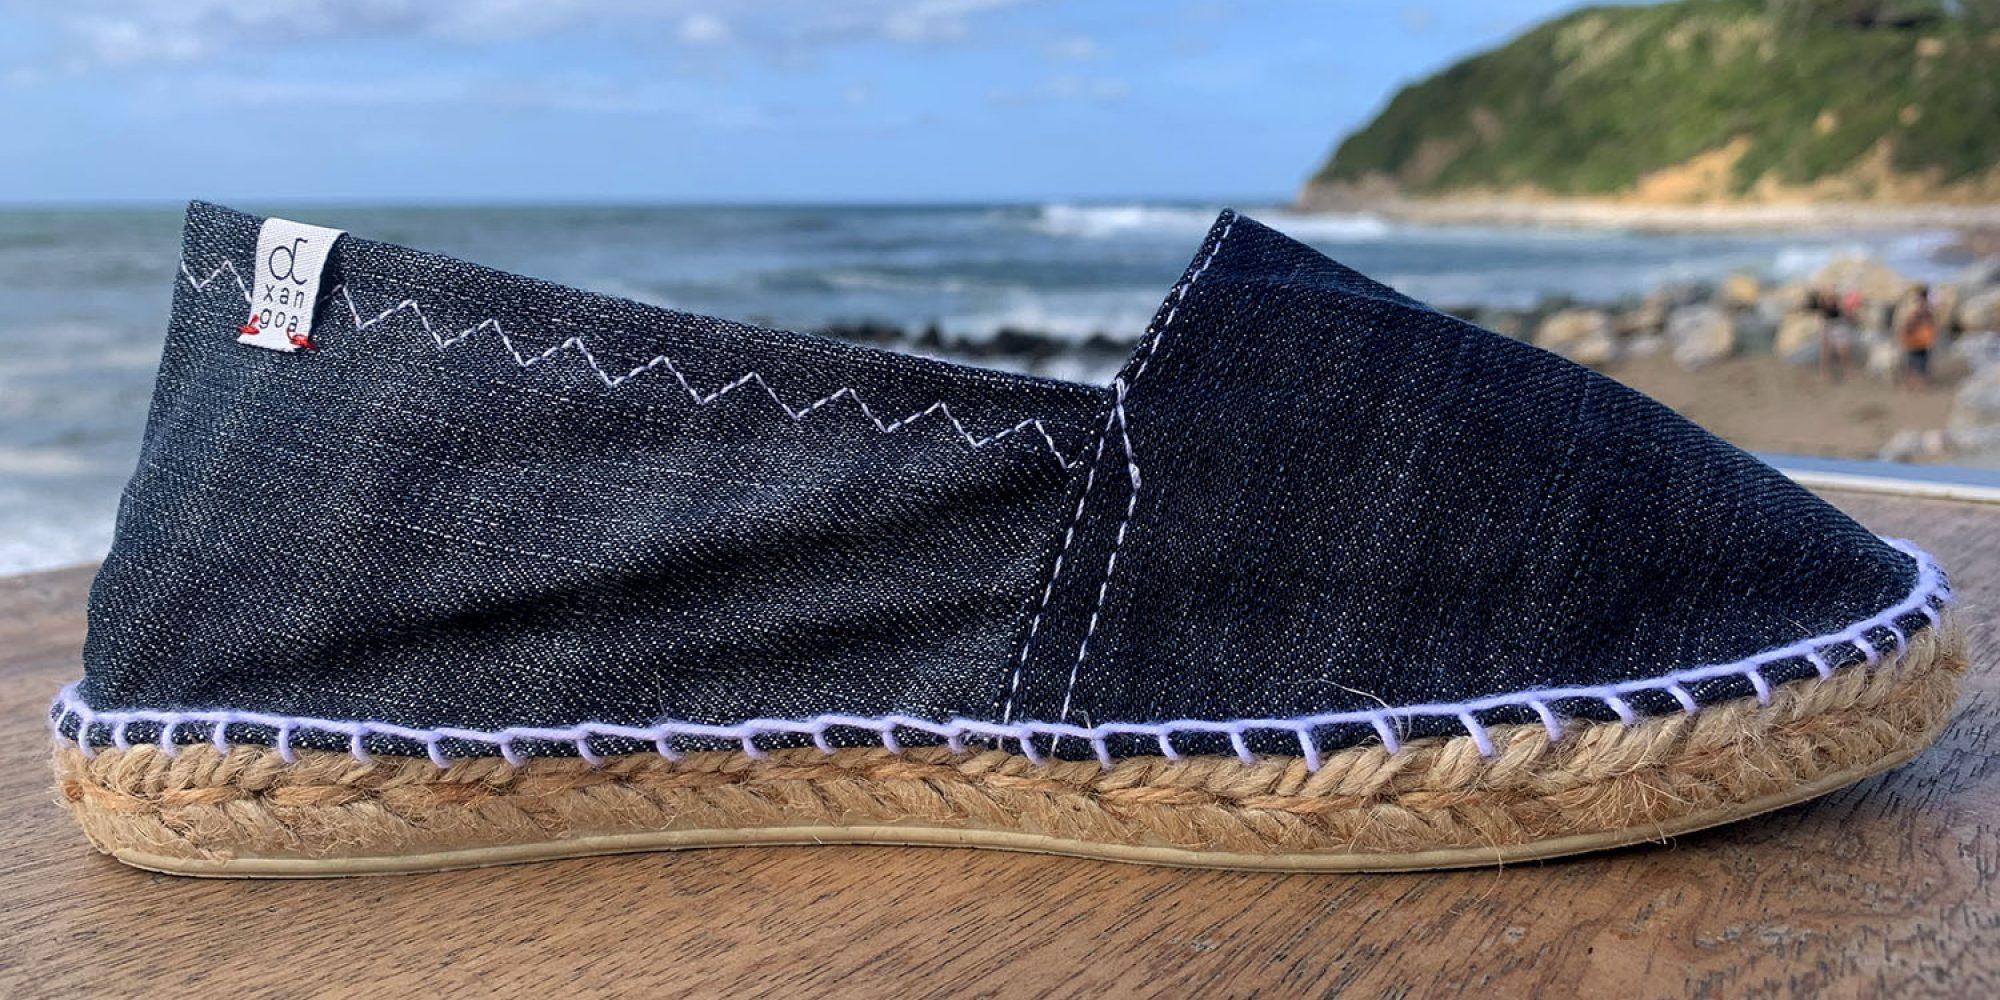 Nos espadrilles Otxangoa éco-conçues et Made in France. Ici, en teinte Jean foncé.